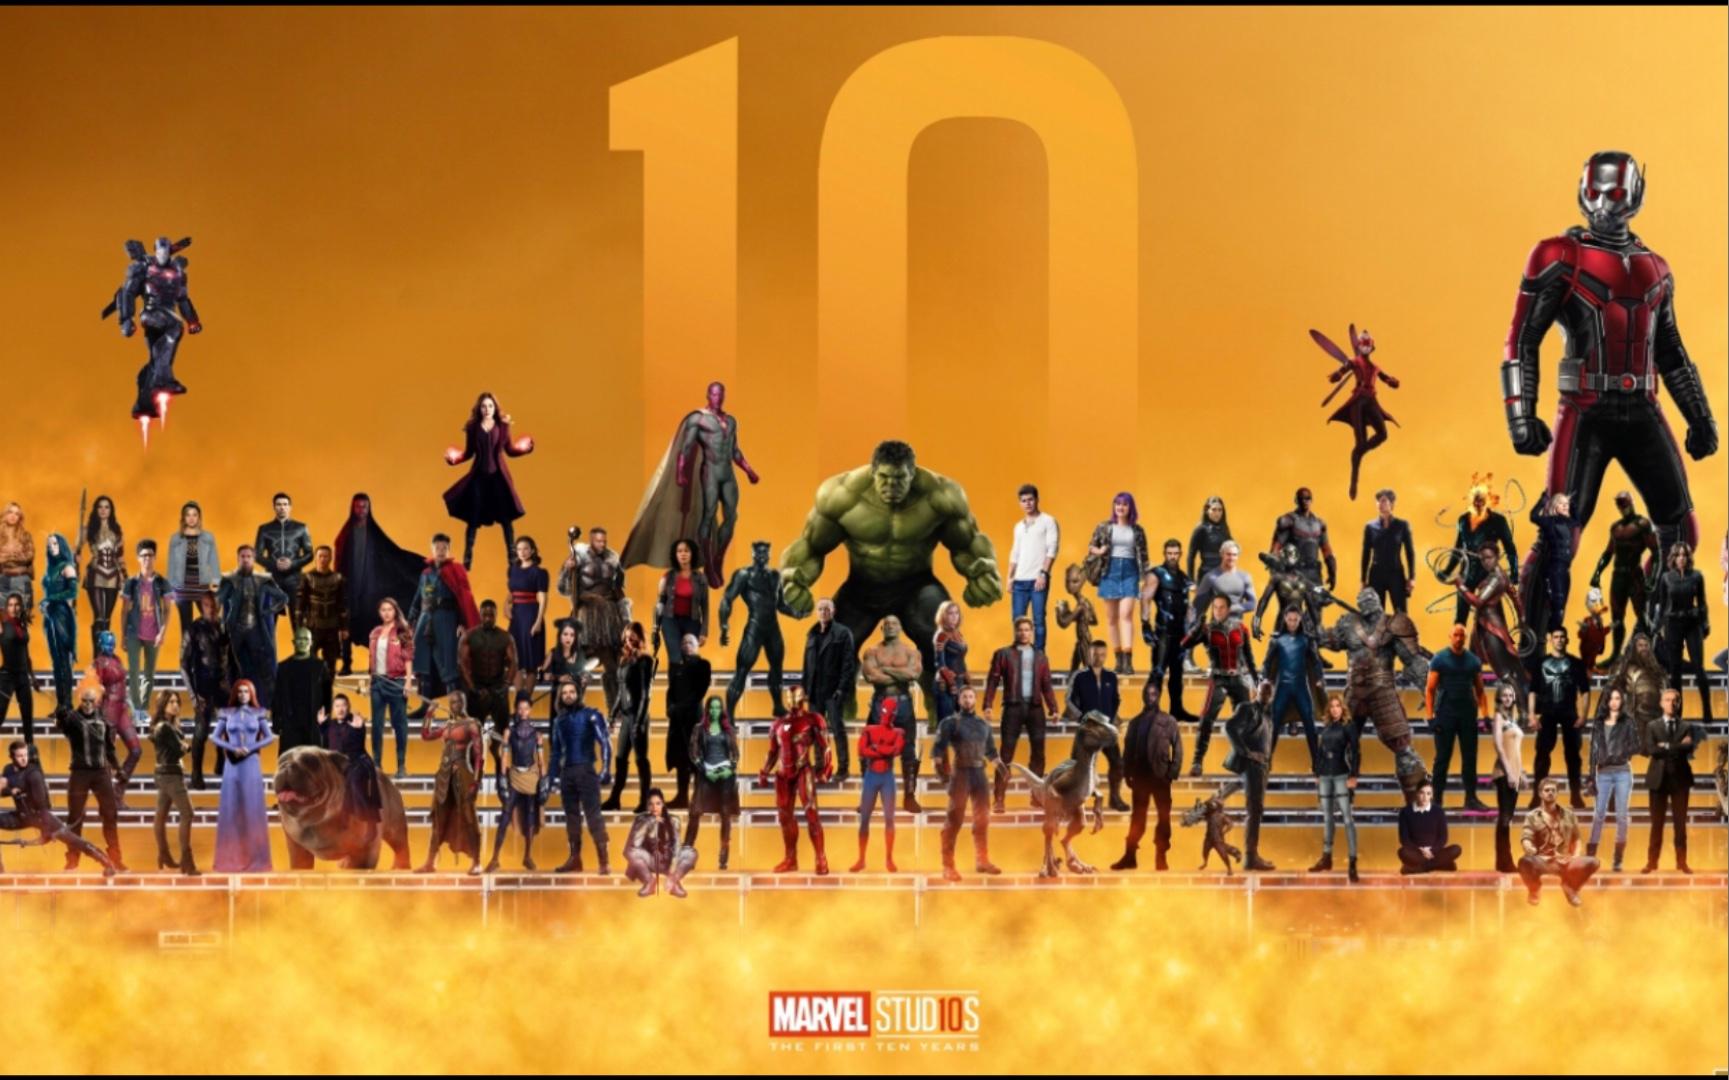 【Marvel Studios 】漫威准备出书了\\\\u002F来看看Marvel(漫威公司)的故事